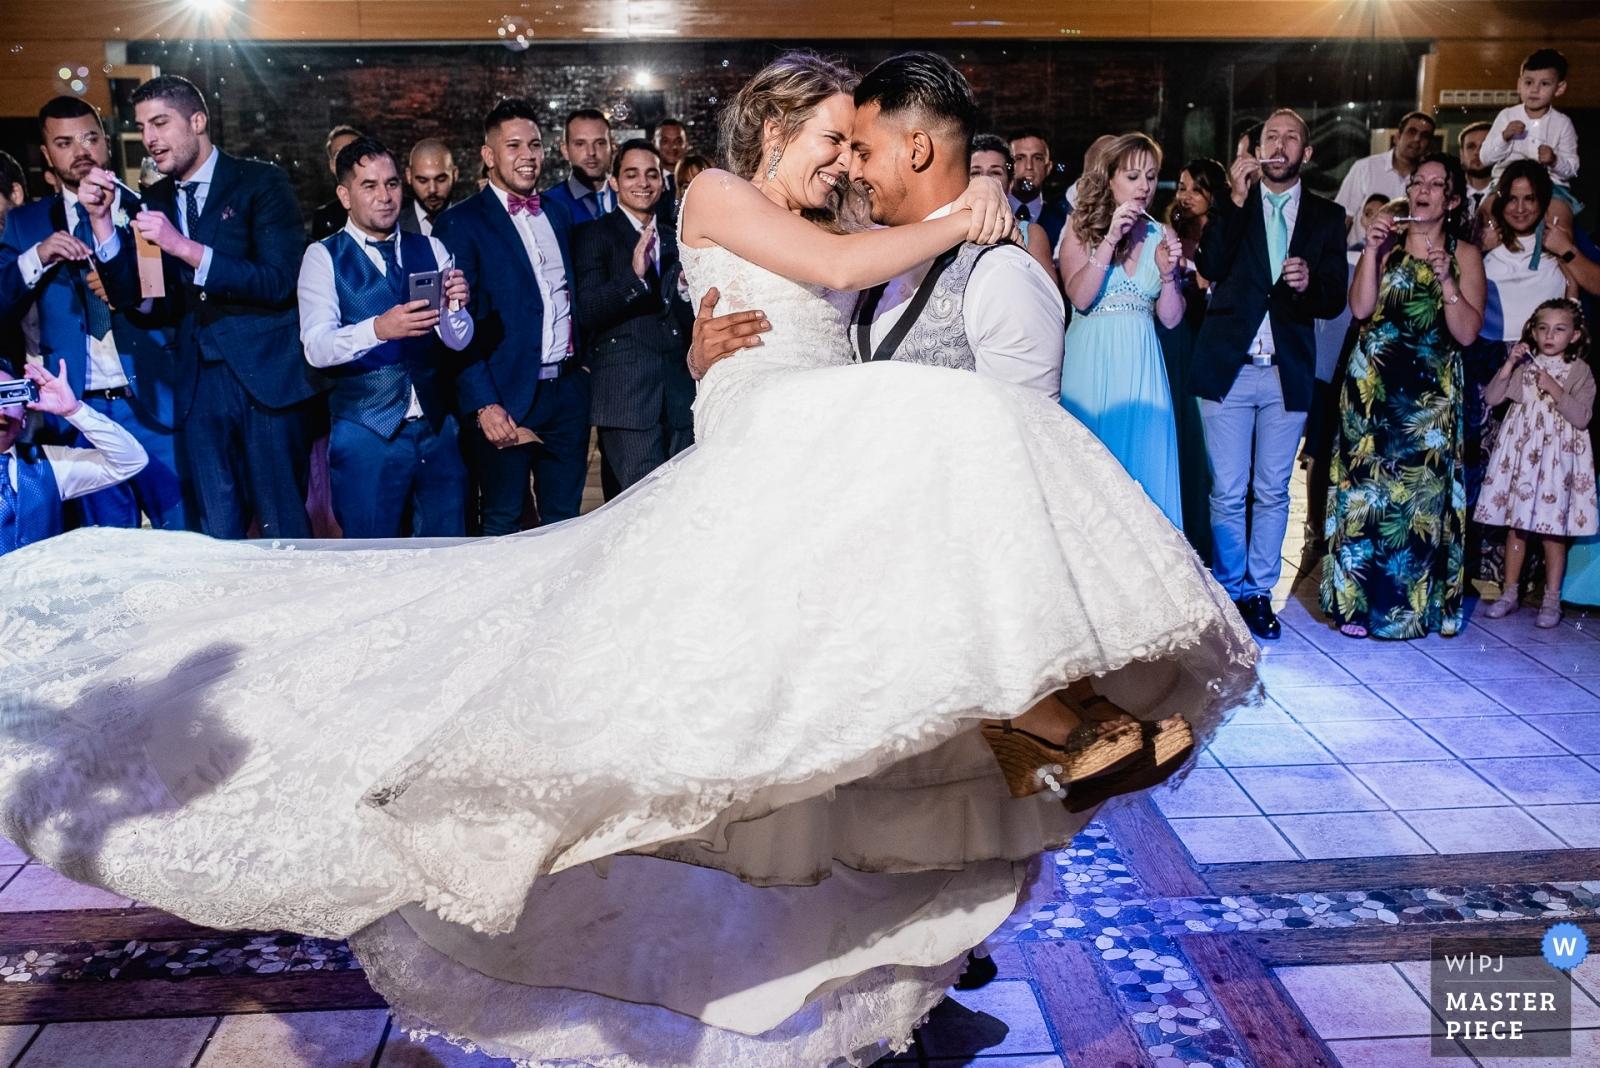 Bride and groom first dance - Madrid, Spain Wedding Photography -    Mirador de Cuatro Vientos